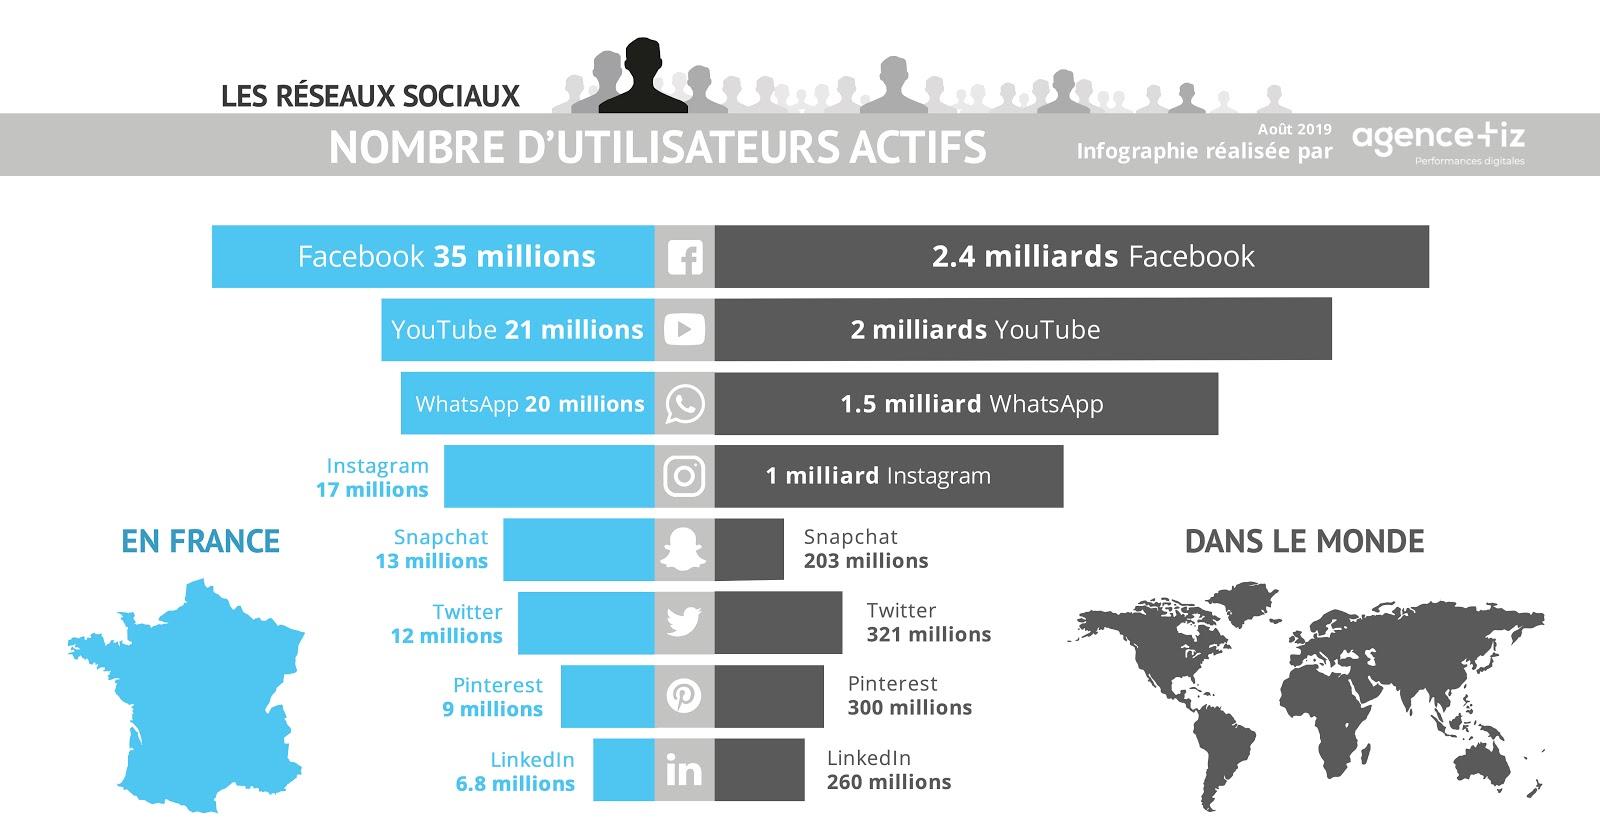 Les réseaux sociaux dans le monde en 2019